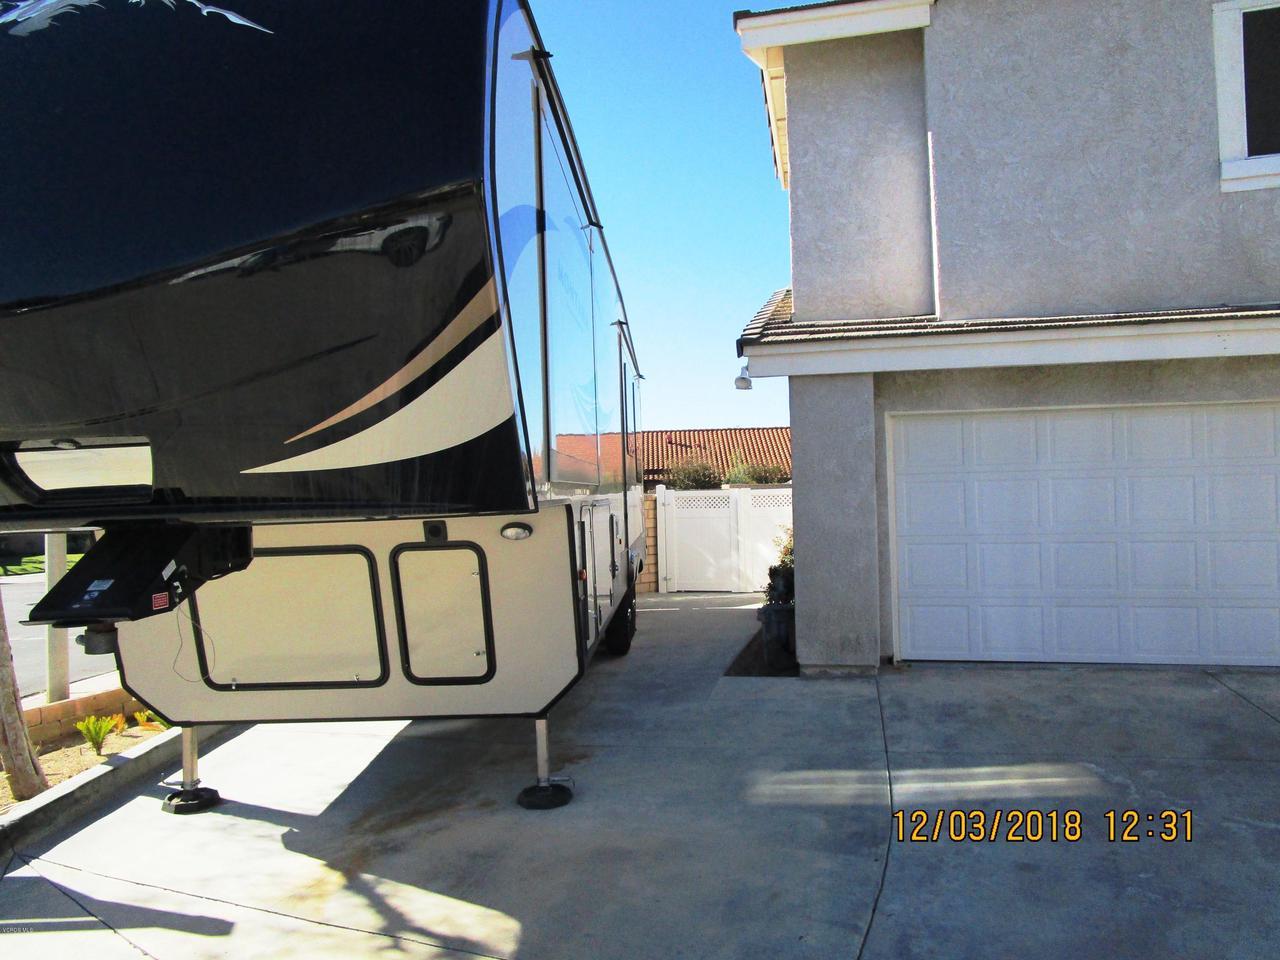 1063 MEADOWLARK, Fillmore, CA 93015 - rv parking 2